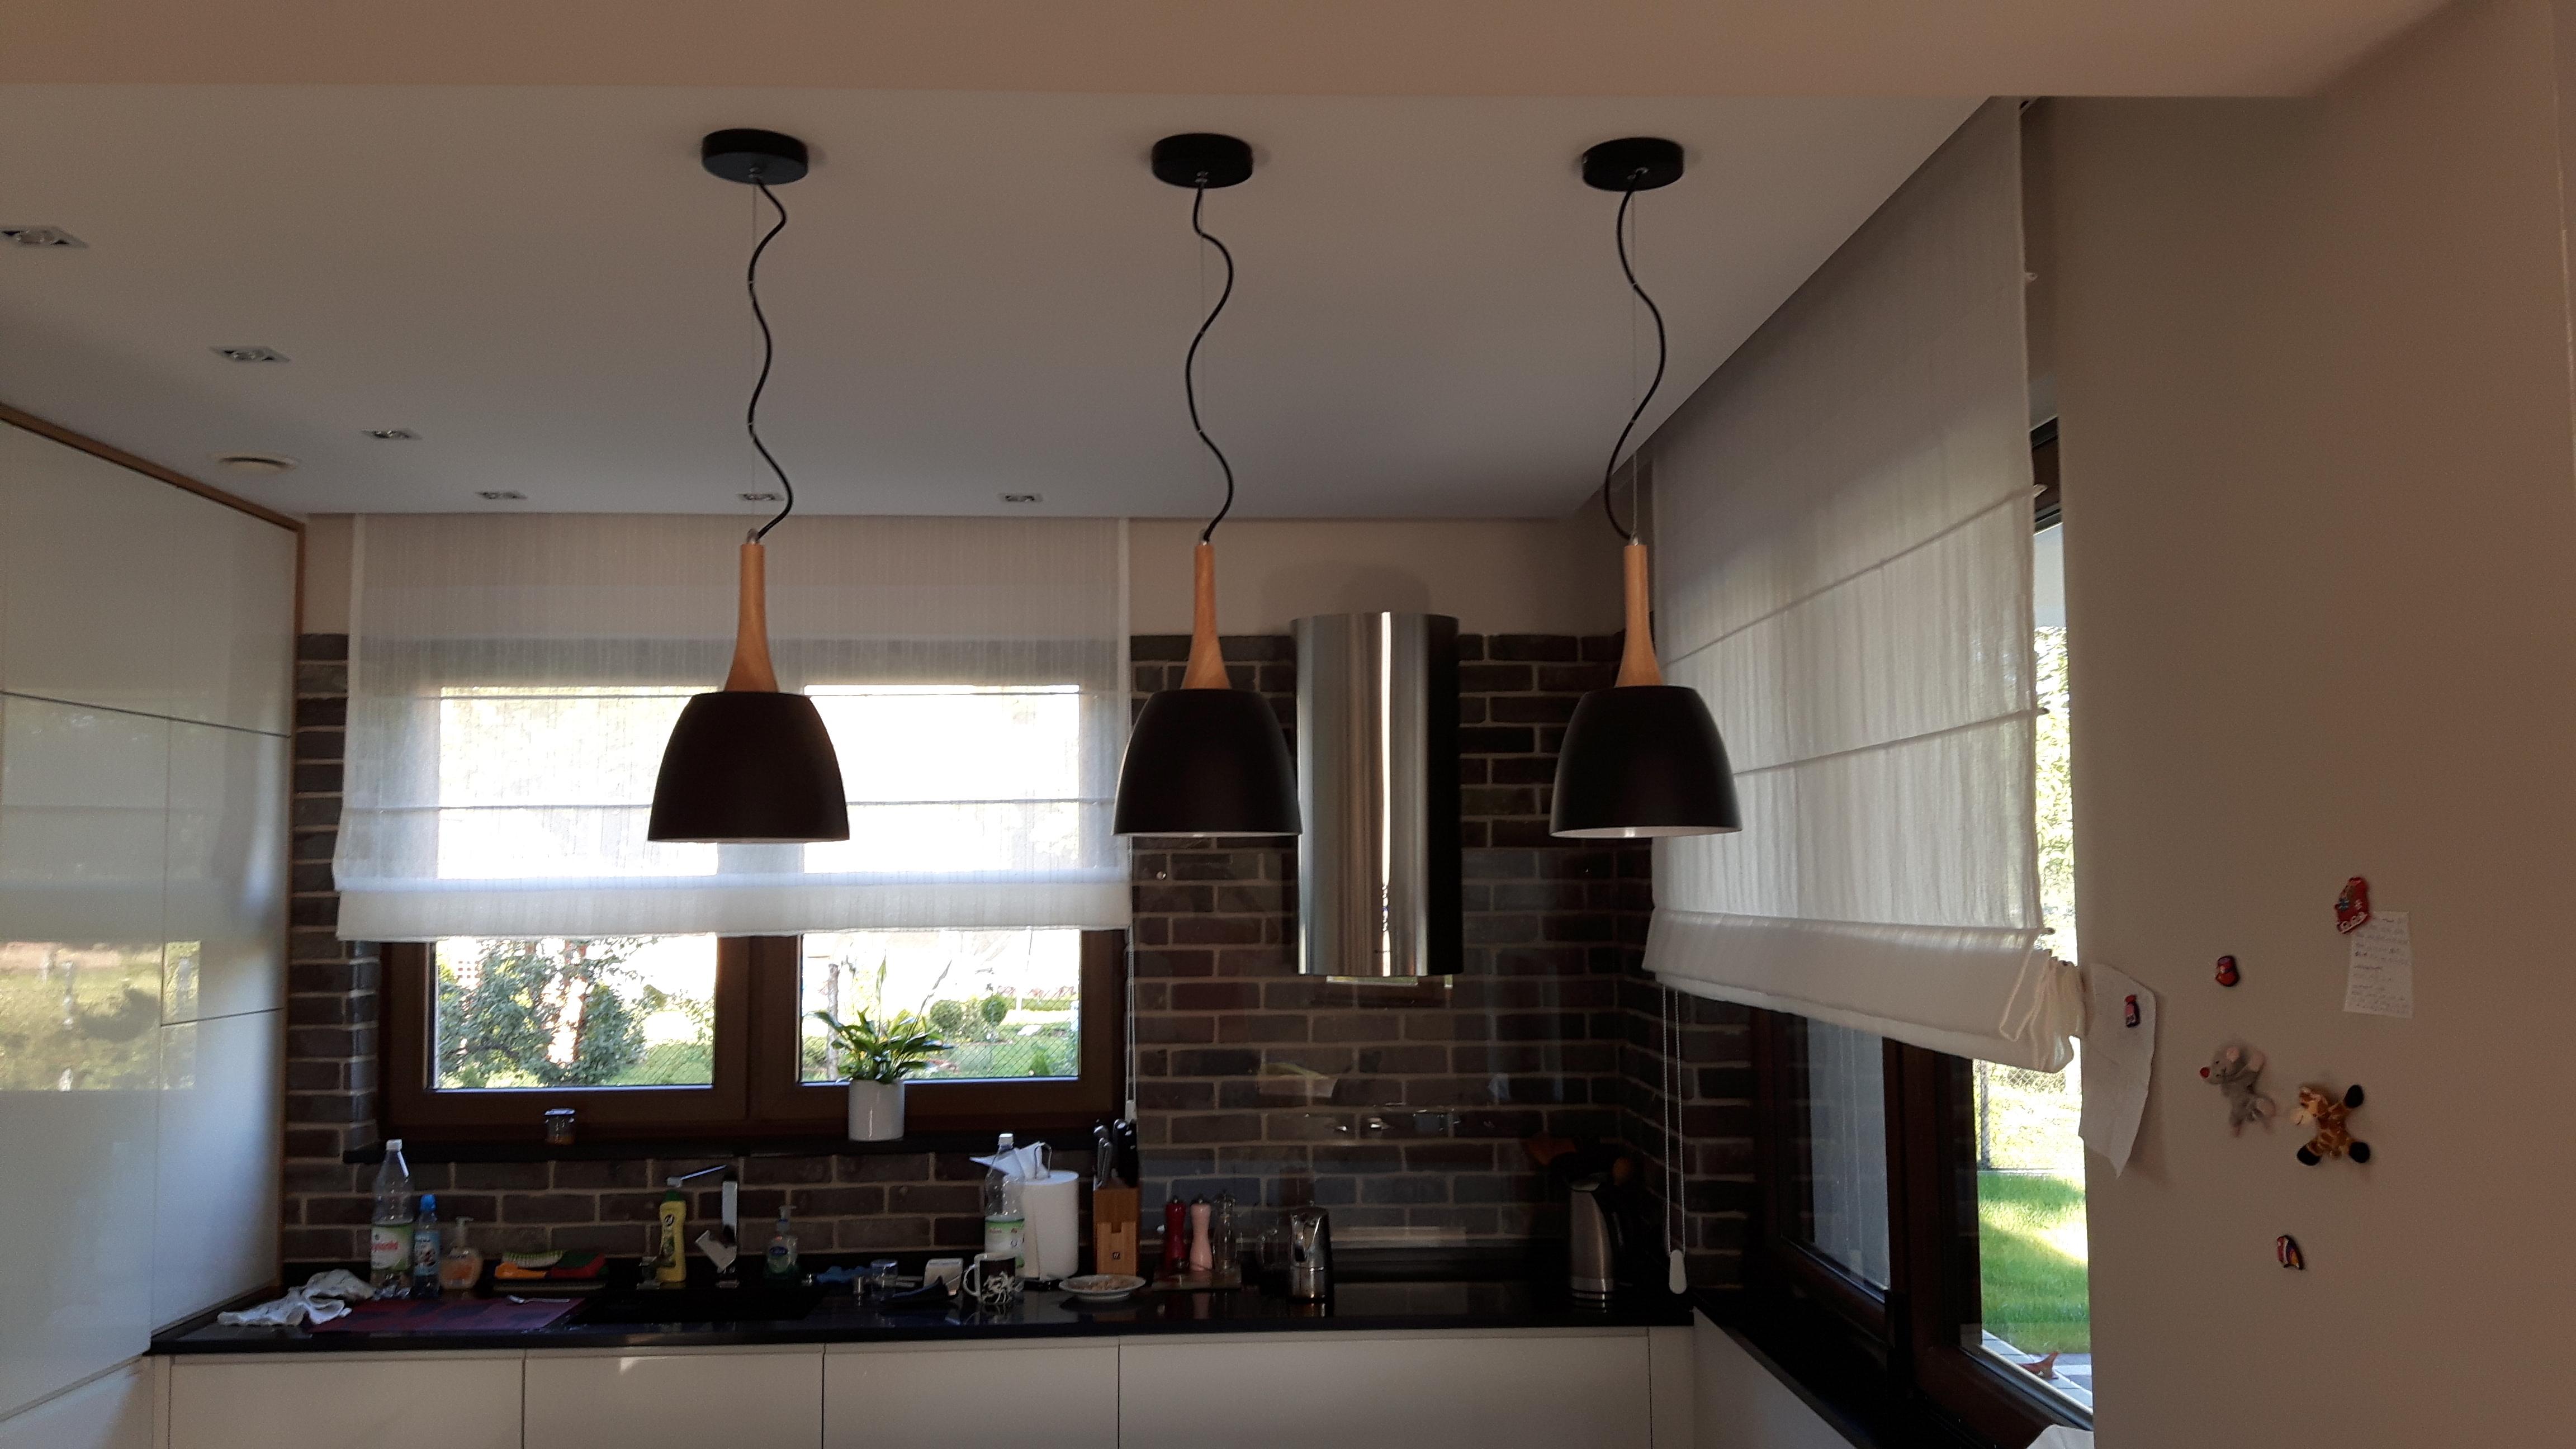 Jak Udekorować Okno W Kuchni Janus Art Dekoracje Okienne